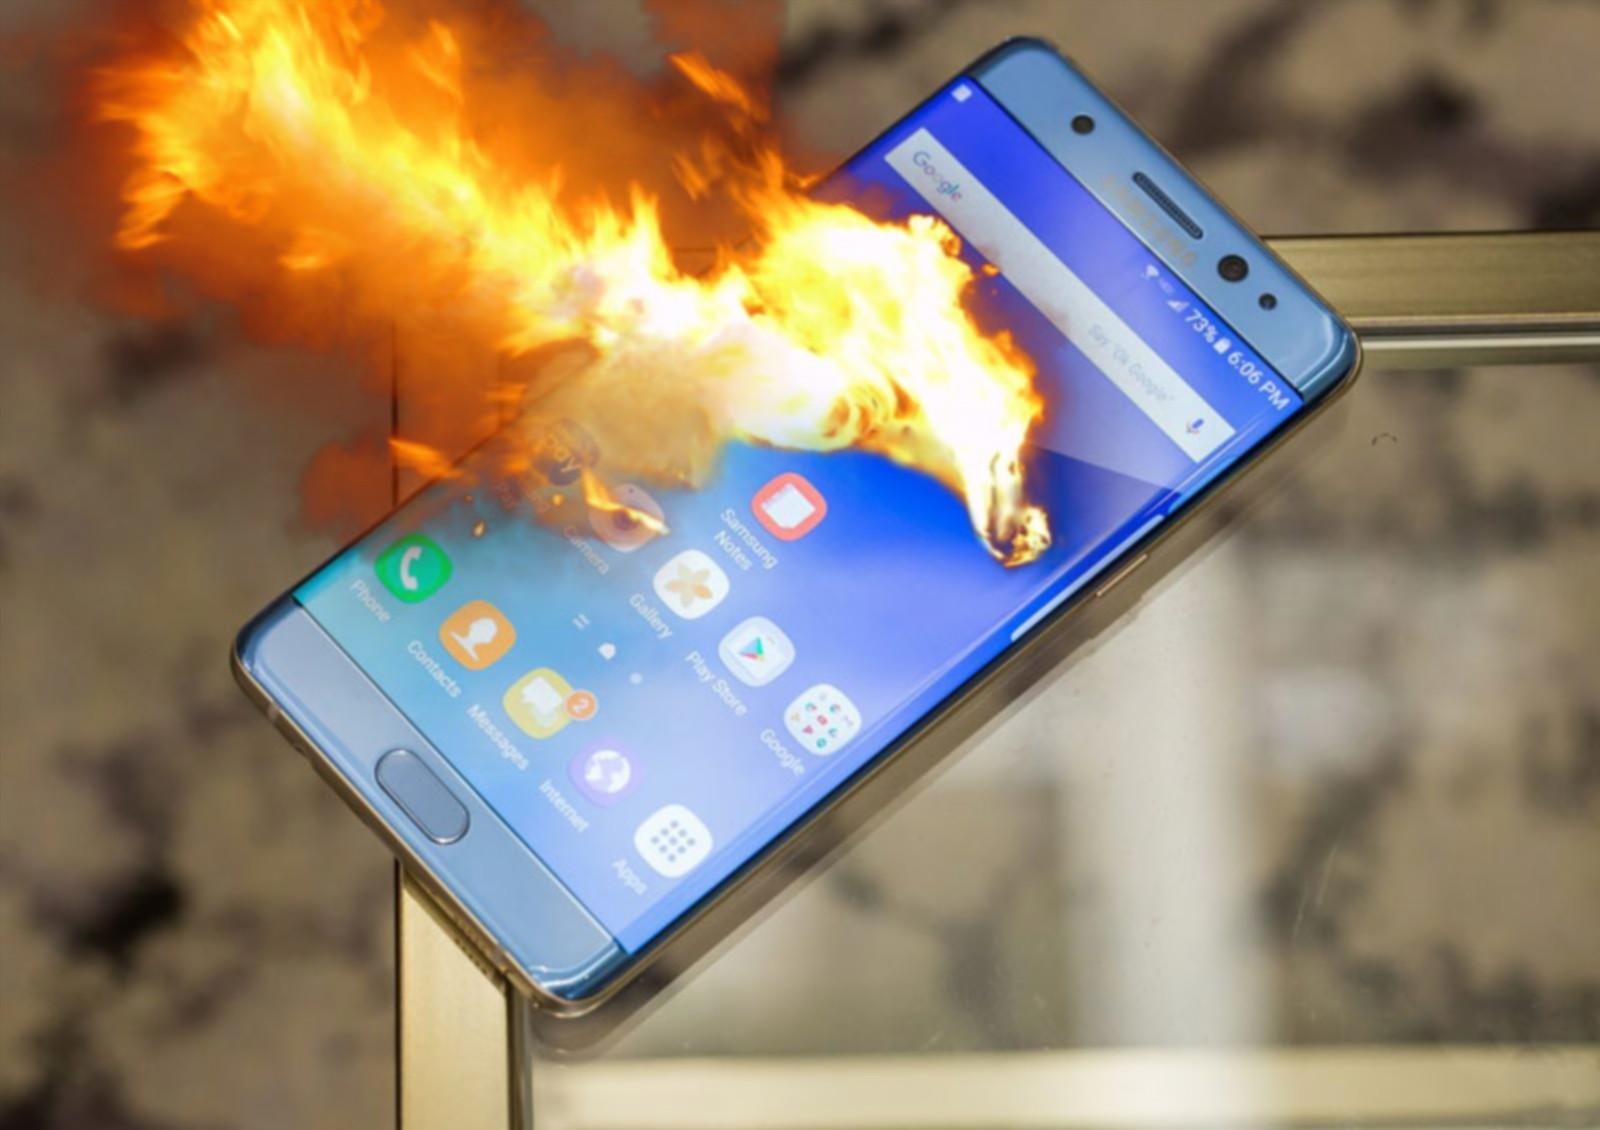 Самсунг выяснила главную причину взрывов Galaxy Note 7